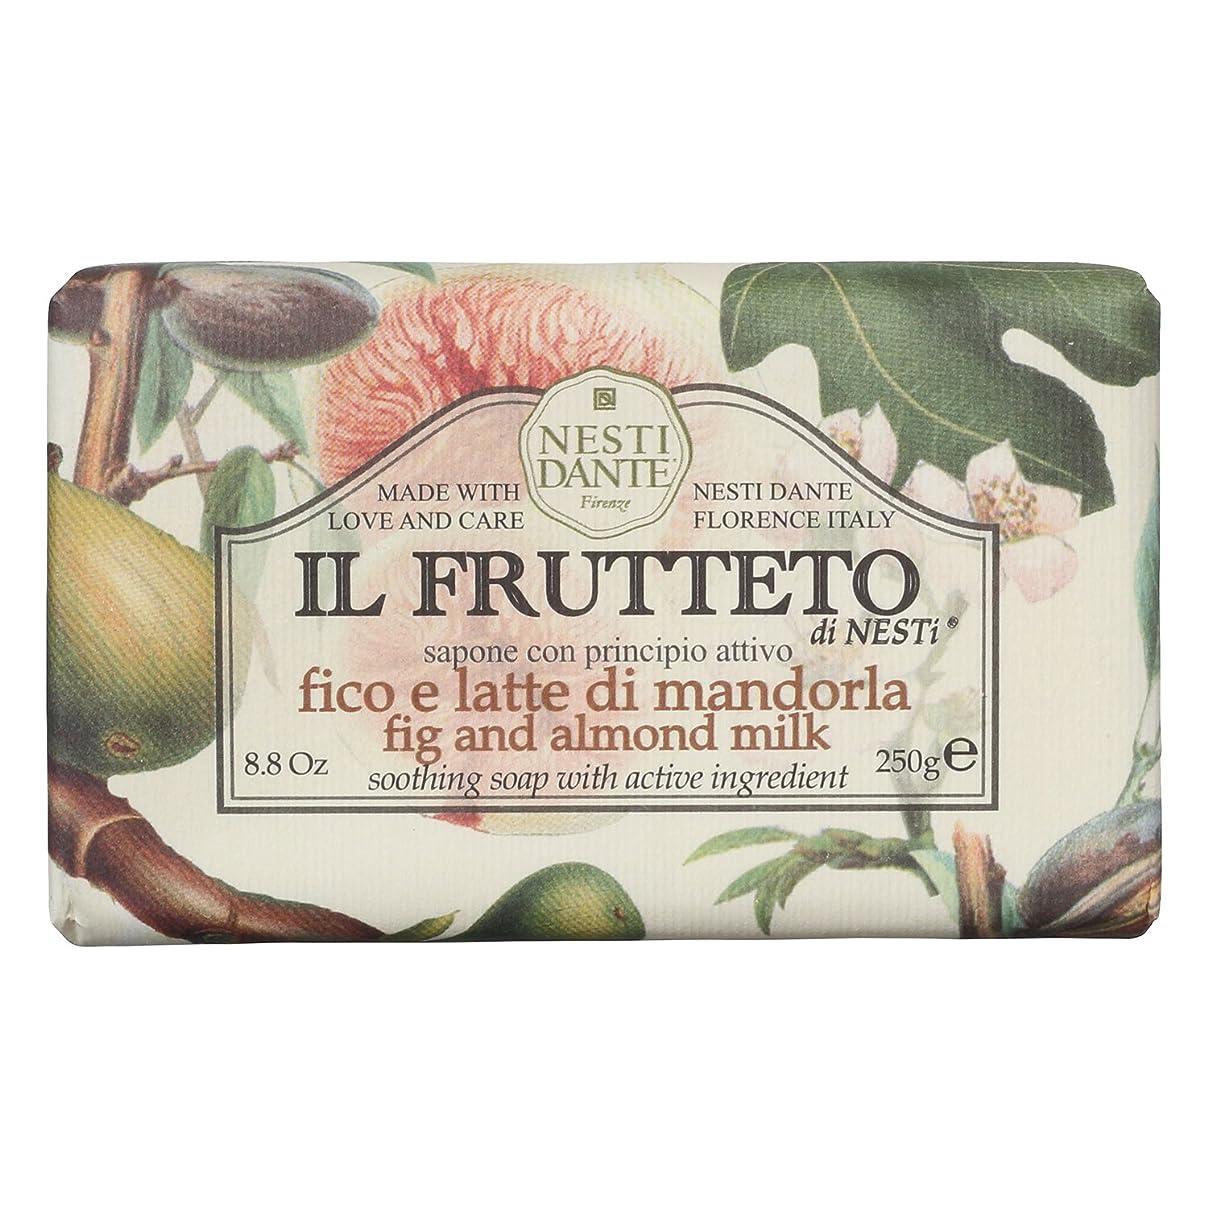 腹コマンド酸度ネスティダンテ (Nesti Dante) フルッテートソープ フィグ&アーモンドミルク 250g